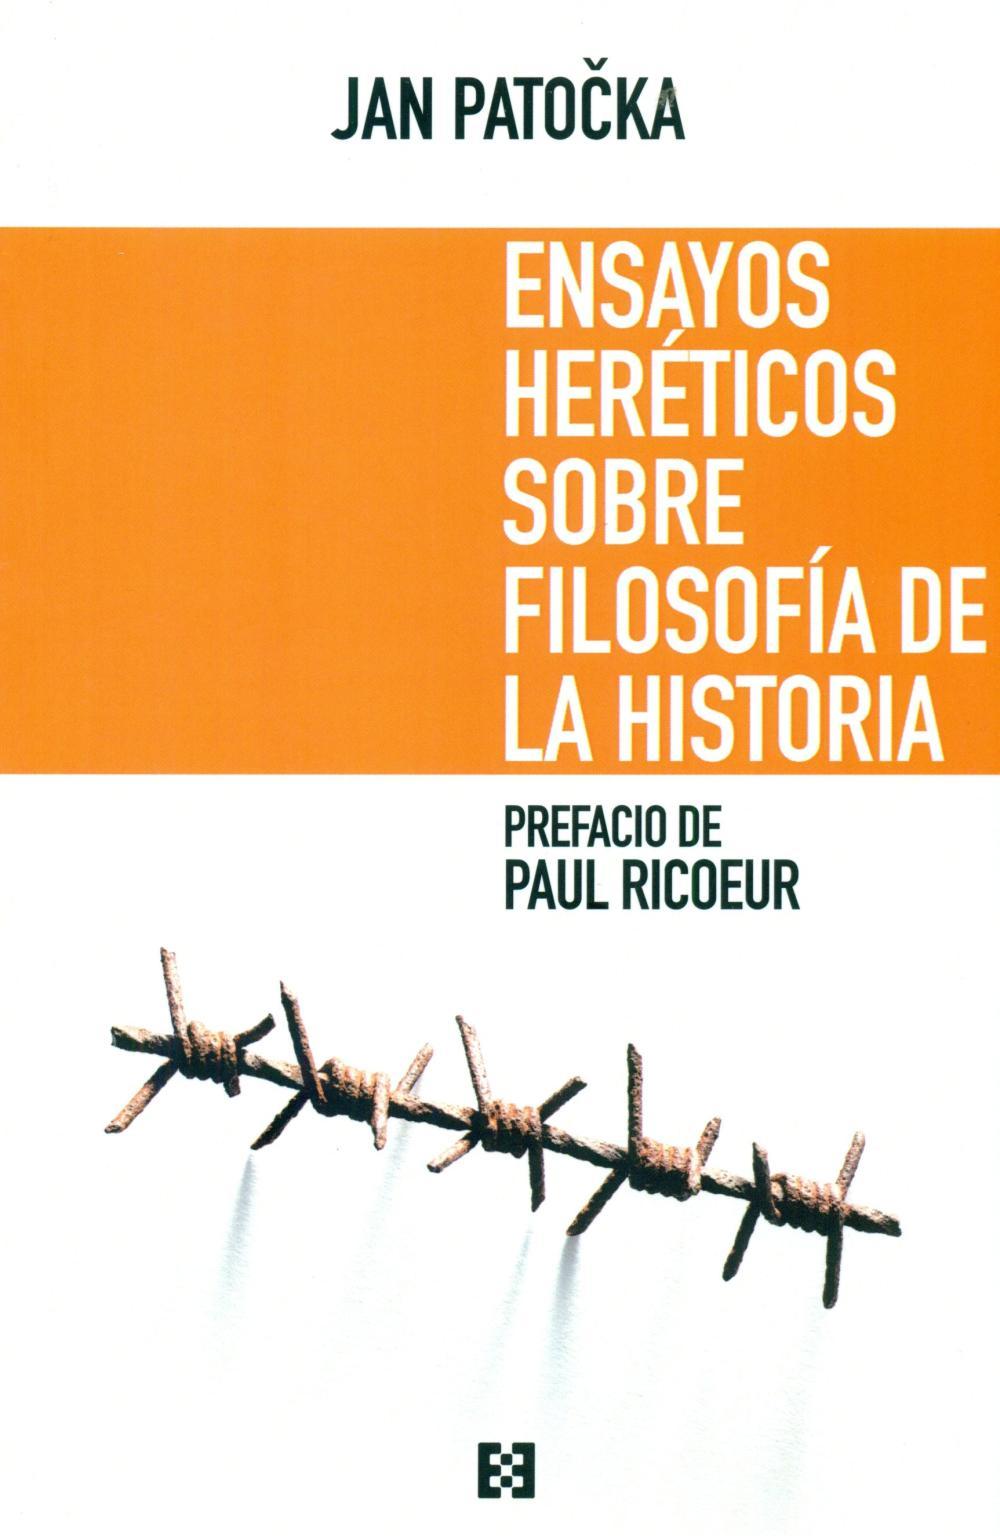 ENSAYOS HERTICOS SOBRE FILOSOFÍA DE LA HISTORIA